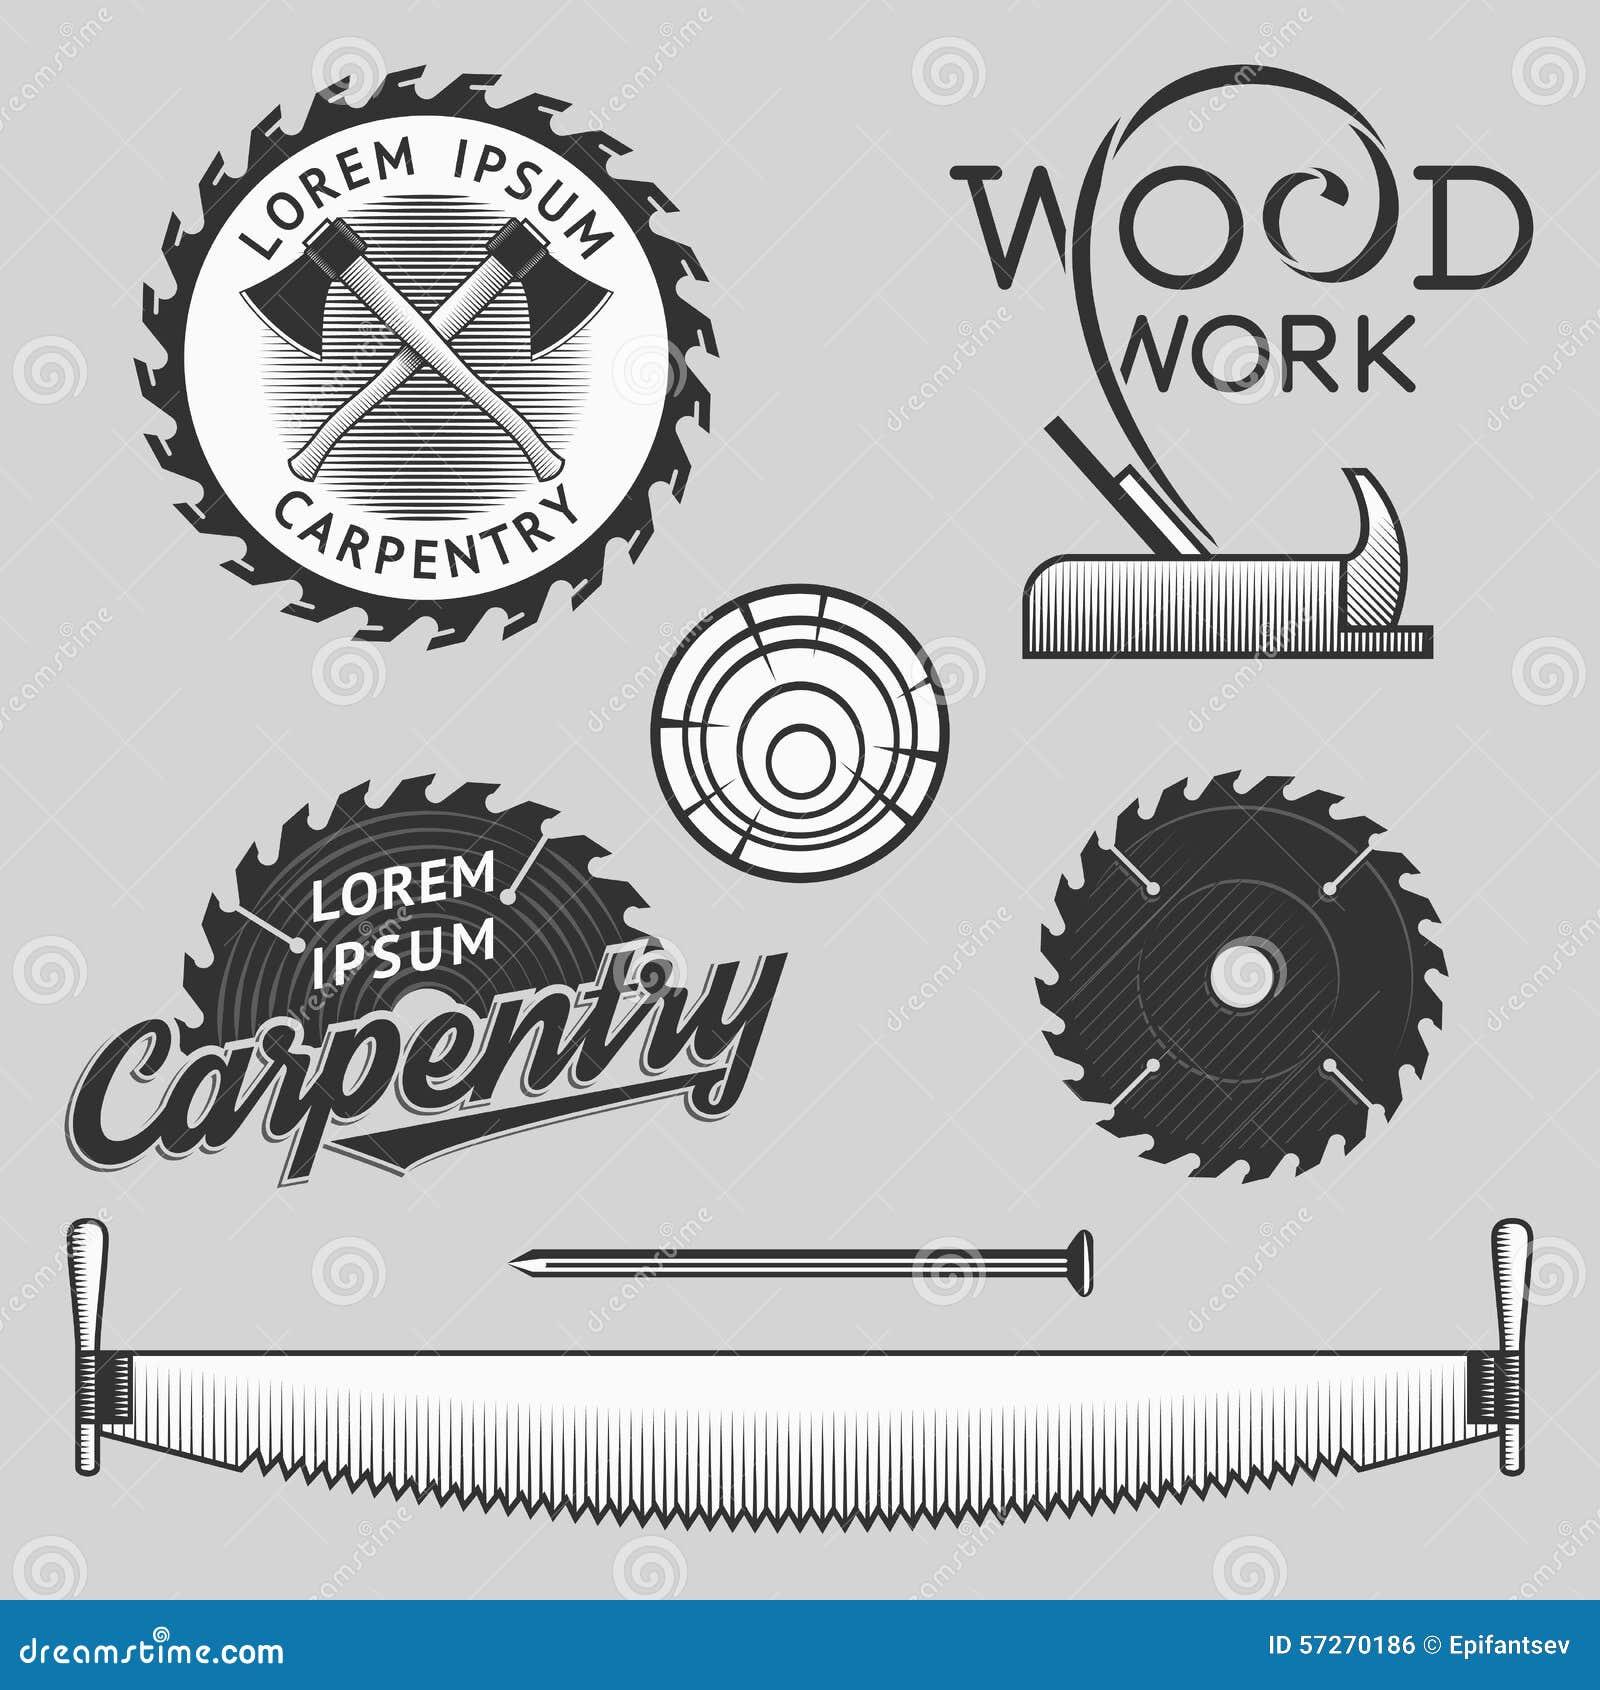 Vintage Set Of Carpentry Logos, Labels And Design Elements ...